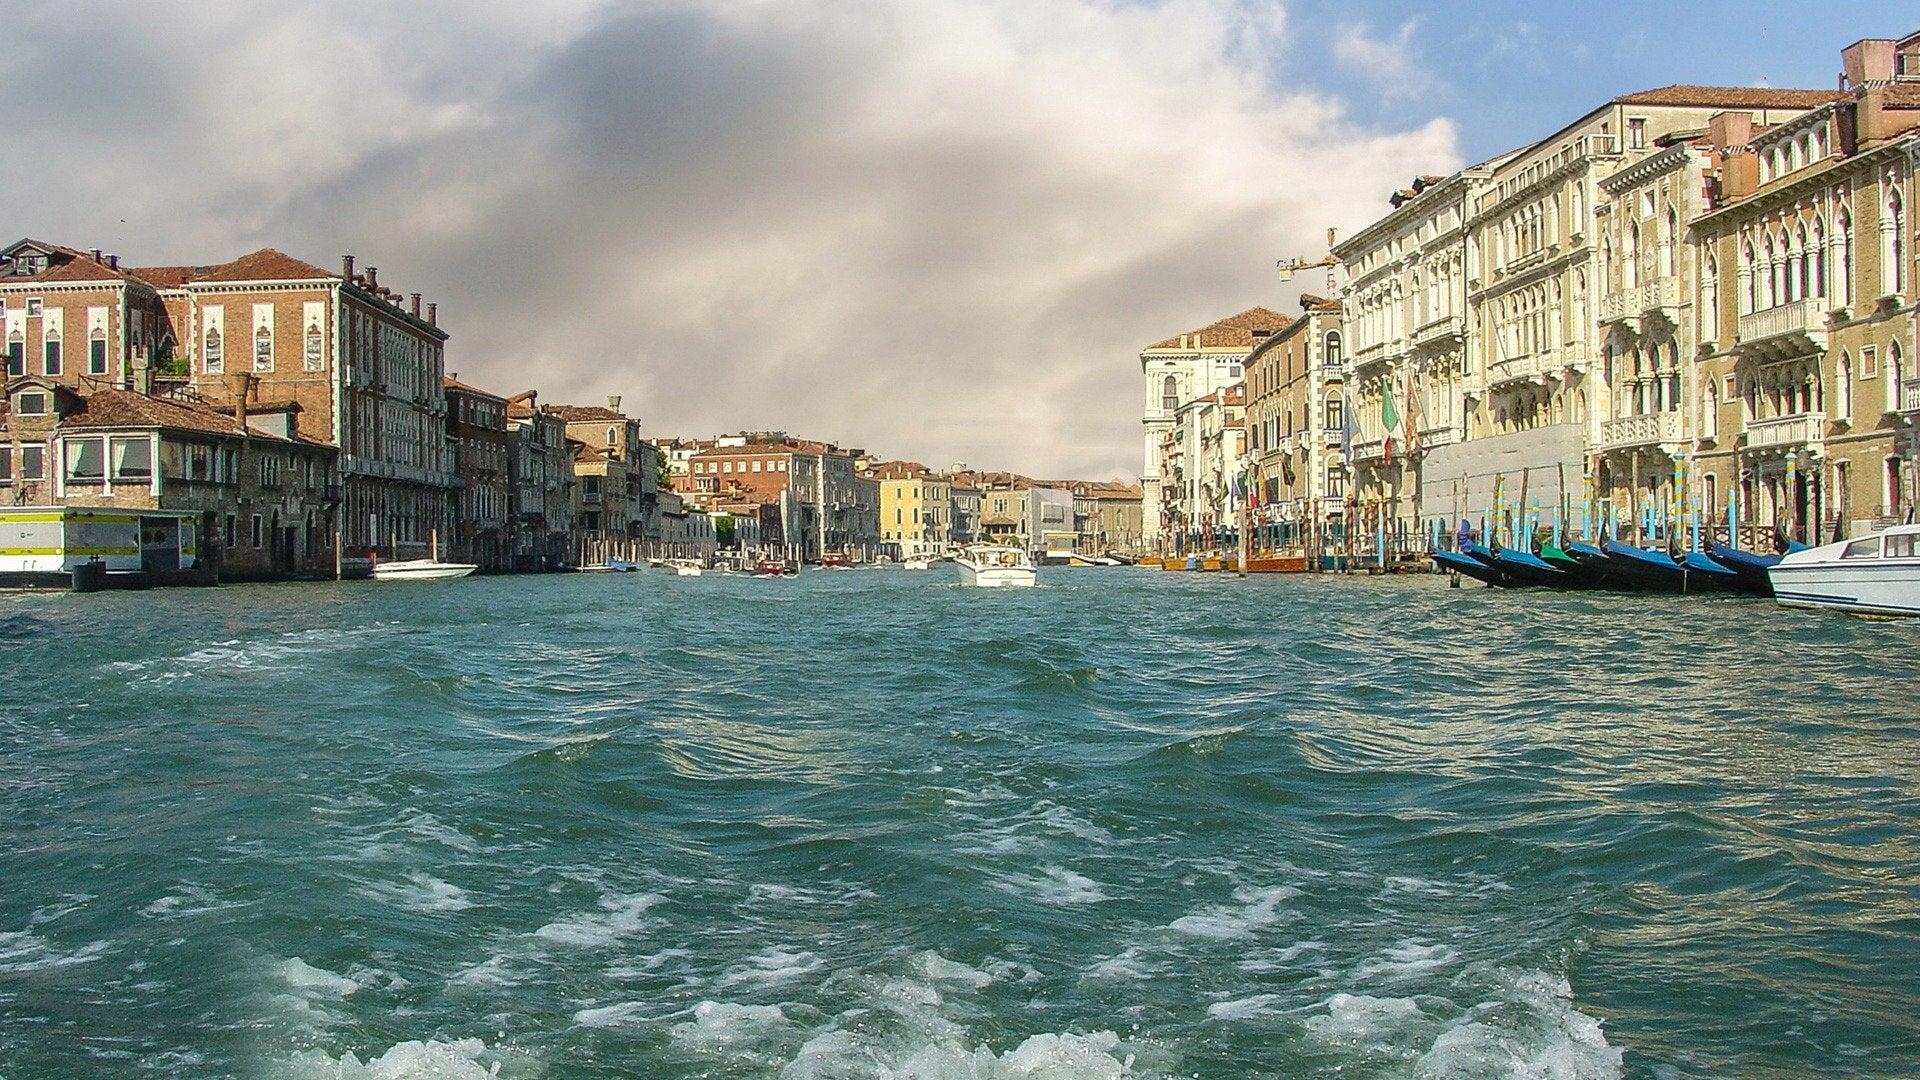 Venice Biennale: Britain's New Voices